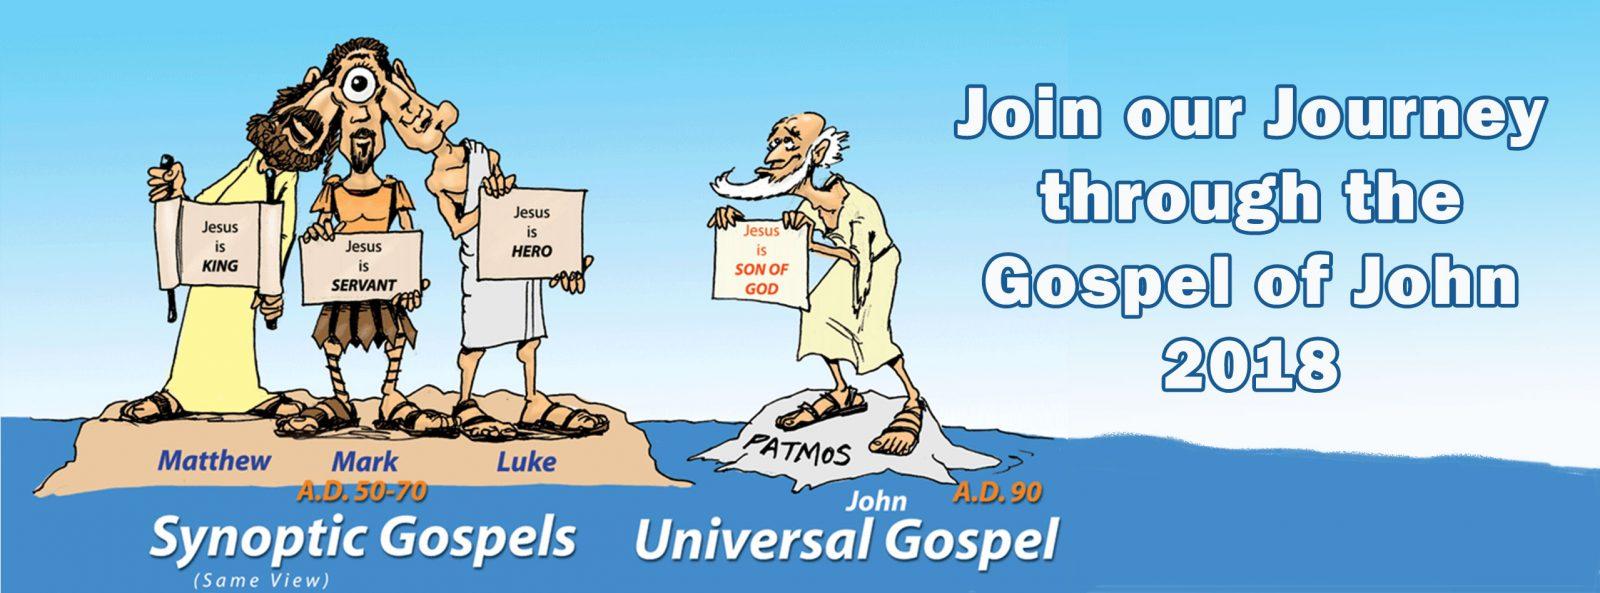 slide-Gospel-of-John-2018